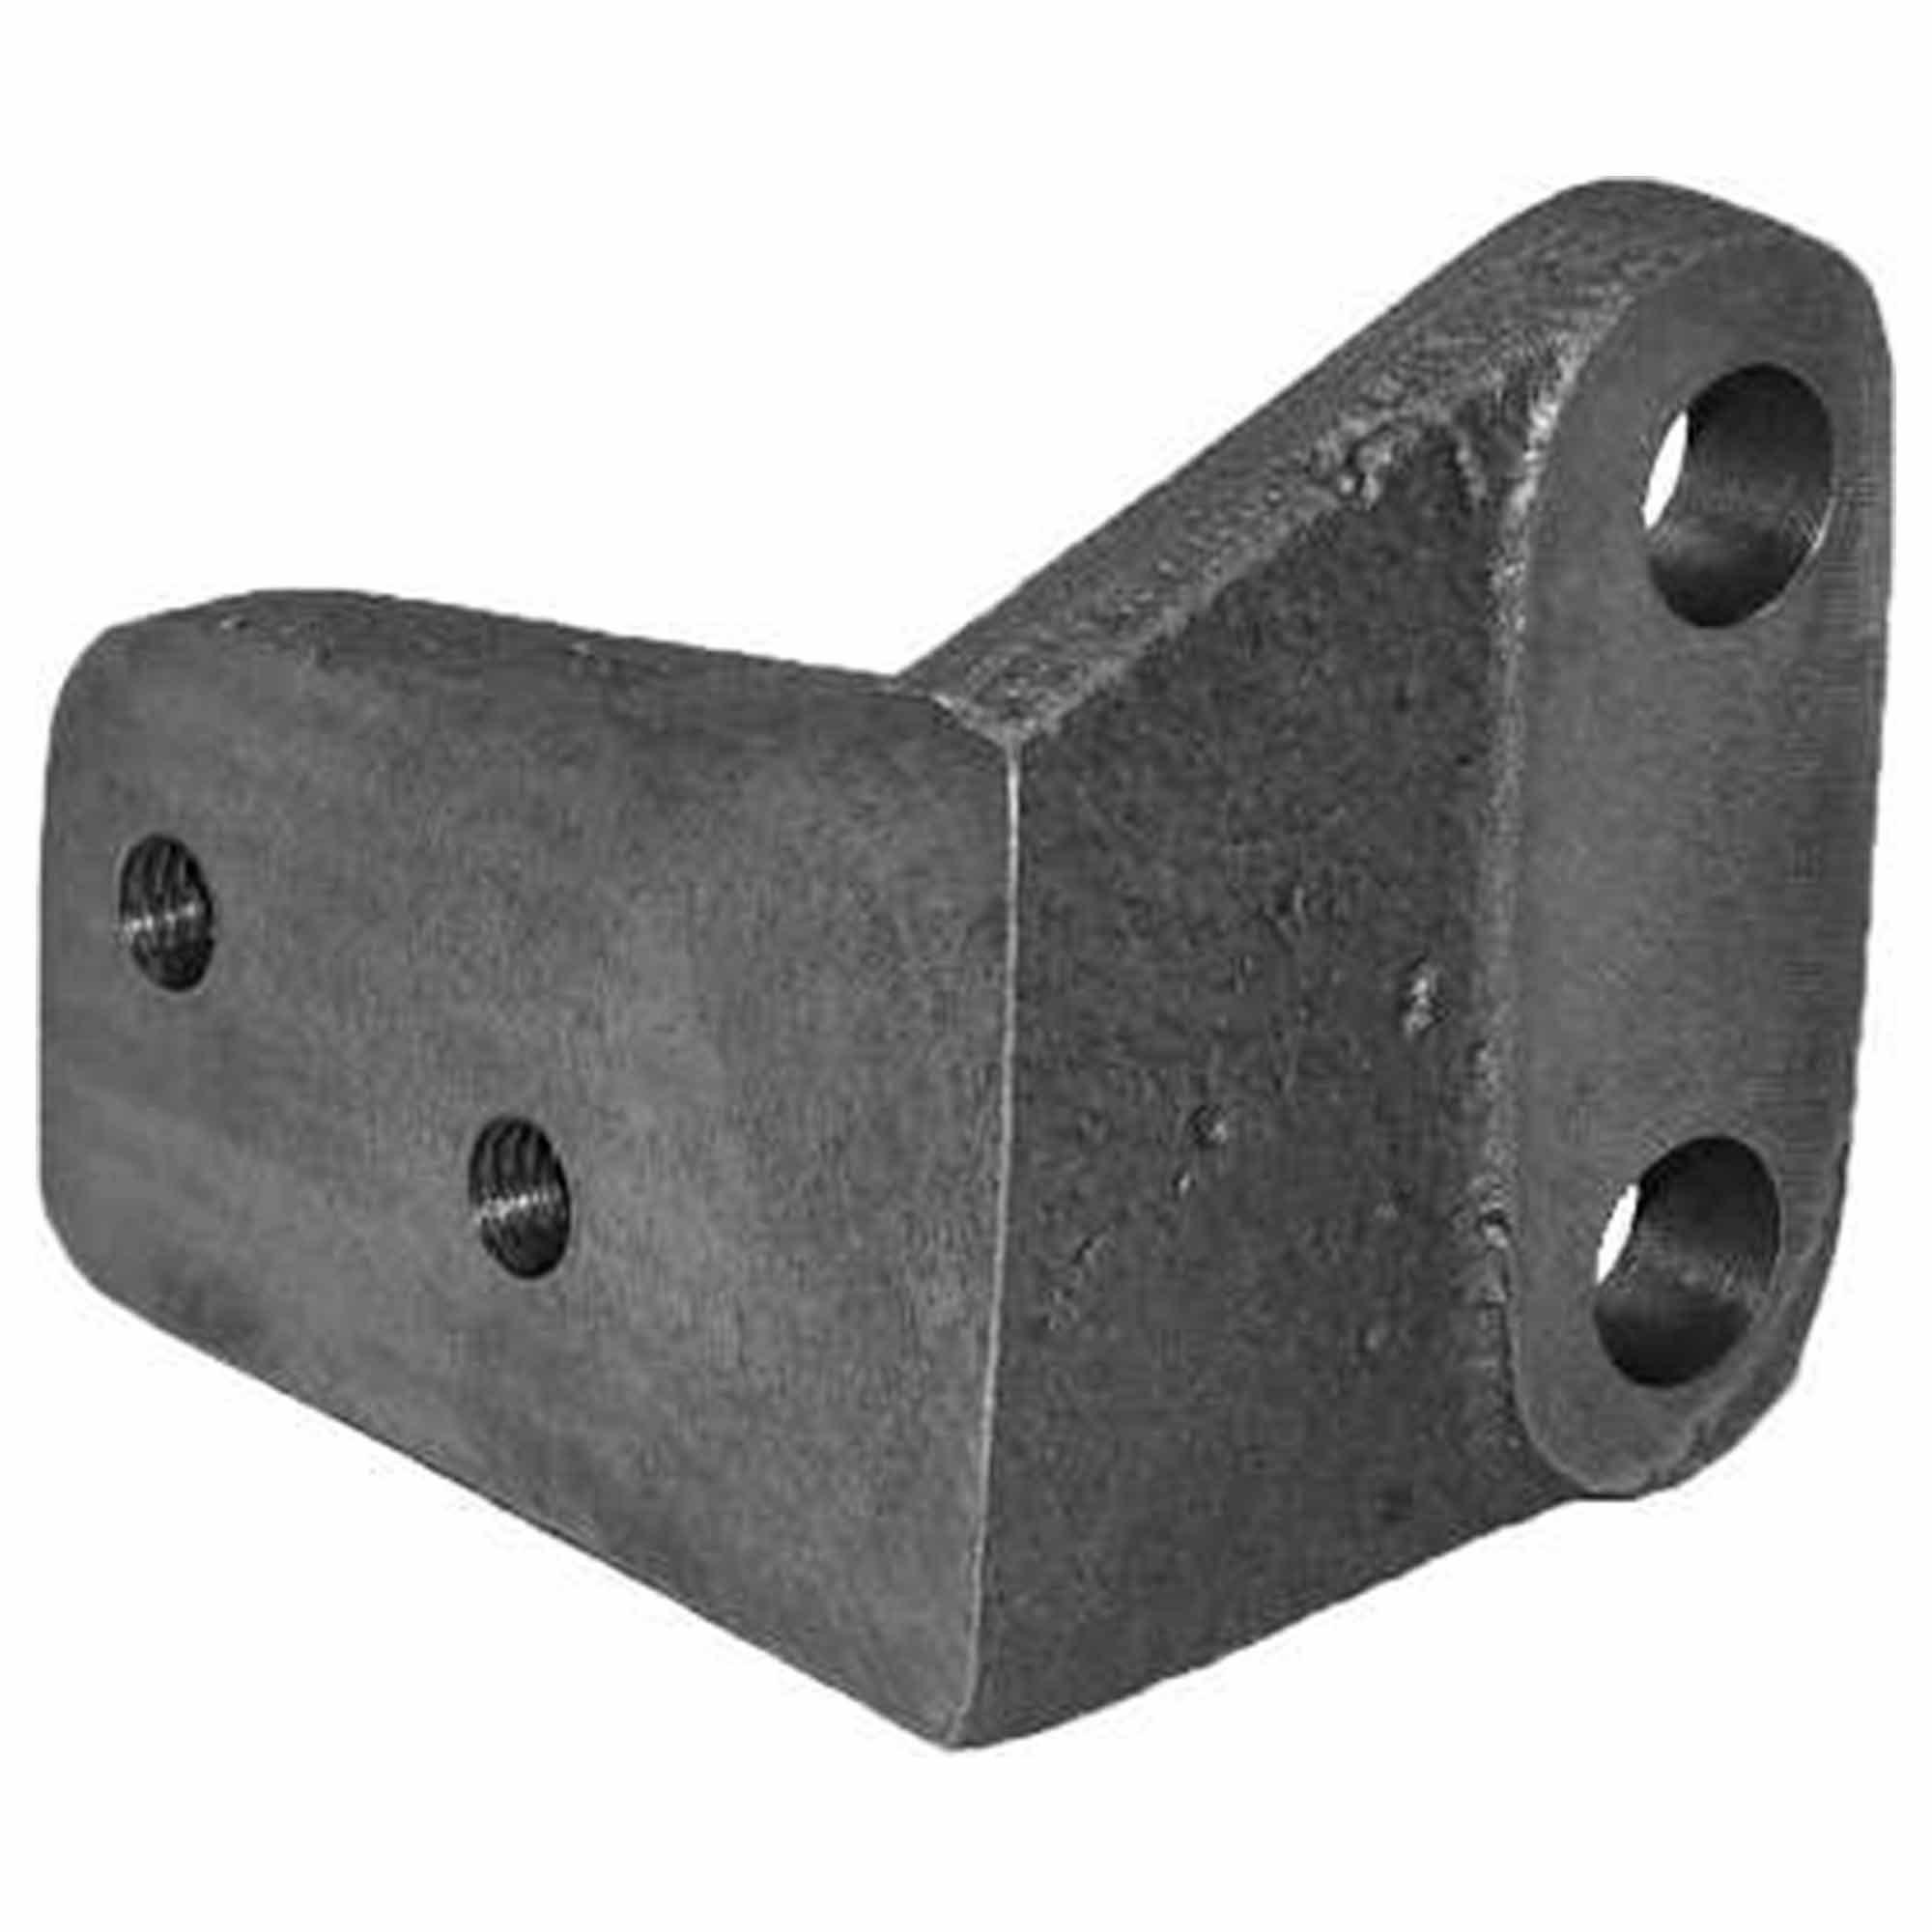 SUK012 - Suporte o compressor de ar